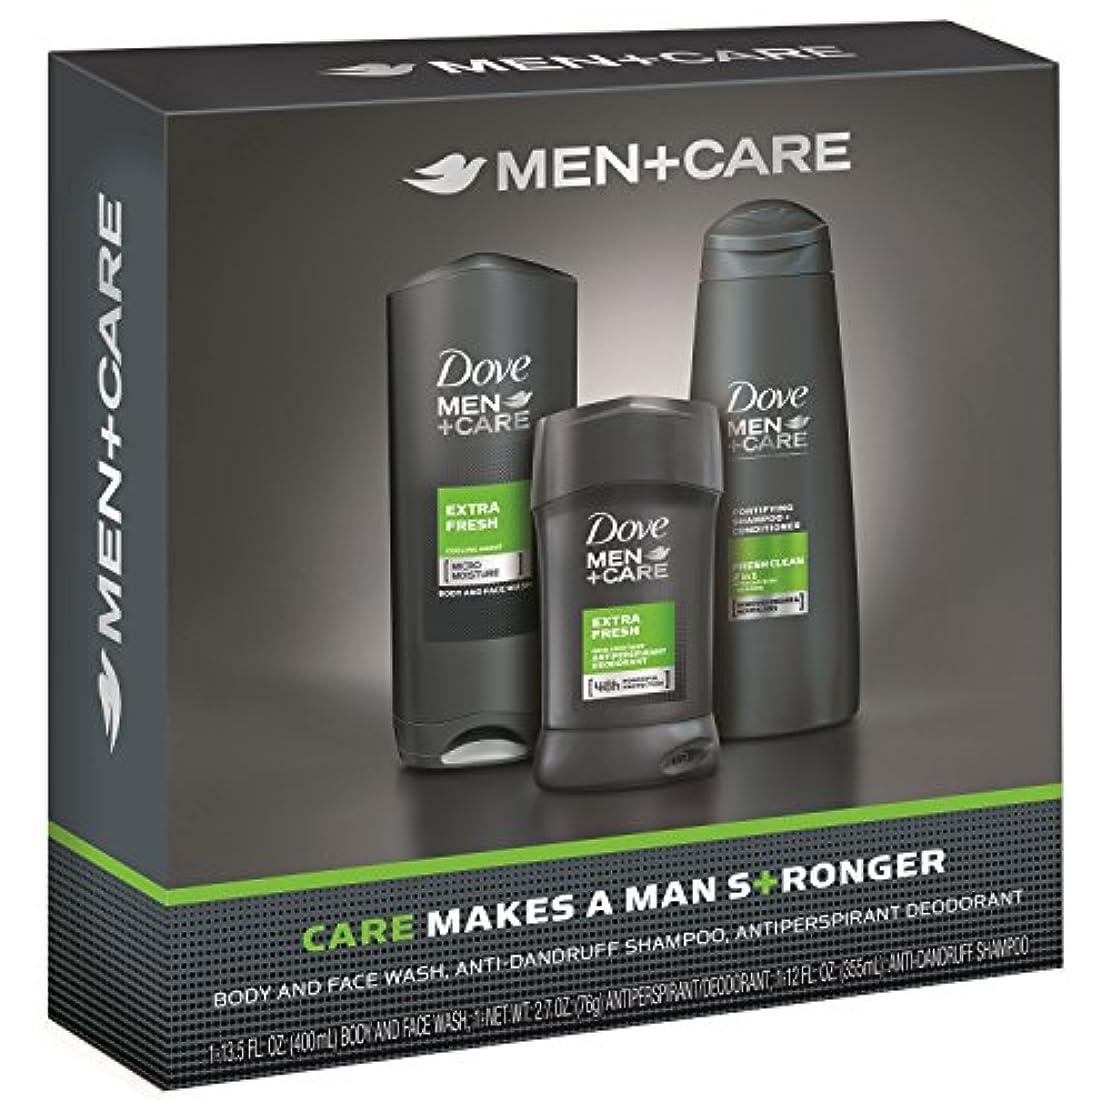 垂直常習的導出Dove Men+Care Gift Pack Extra Fresh ダブ メンプラスケア ギフトパック エクストラフレッシュ